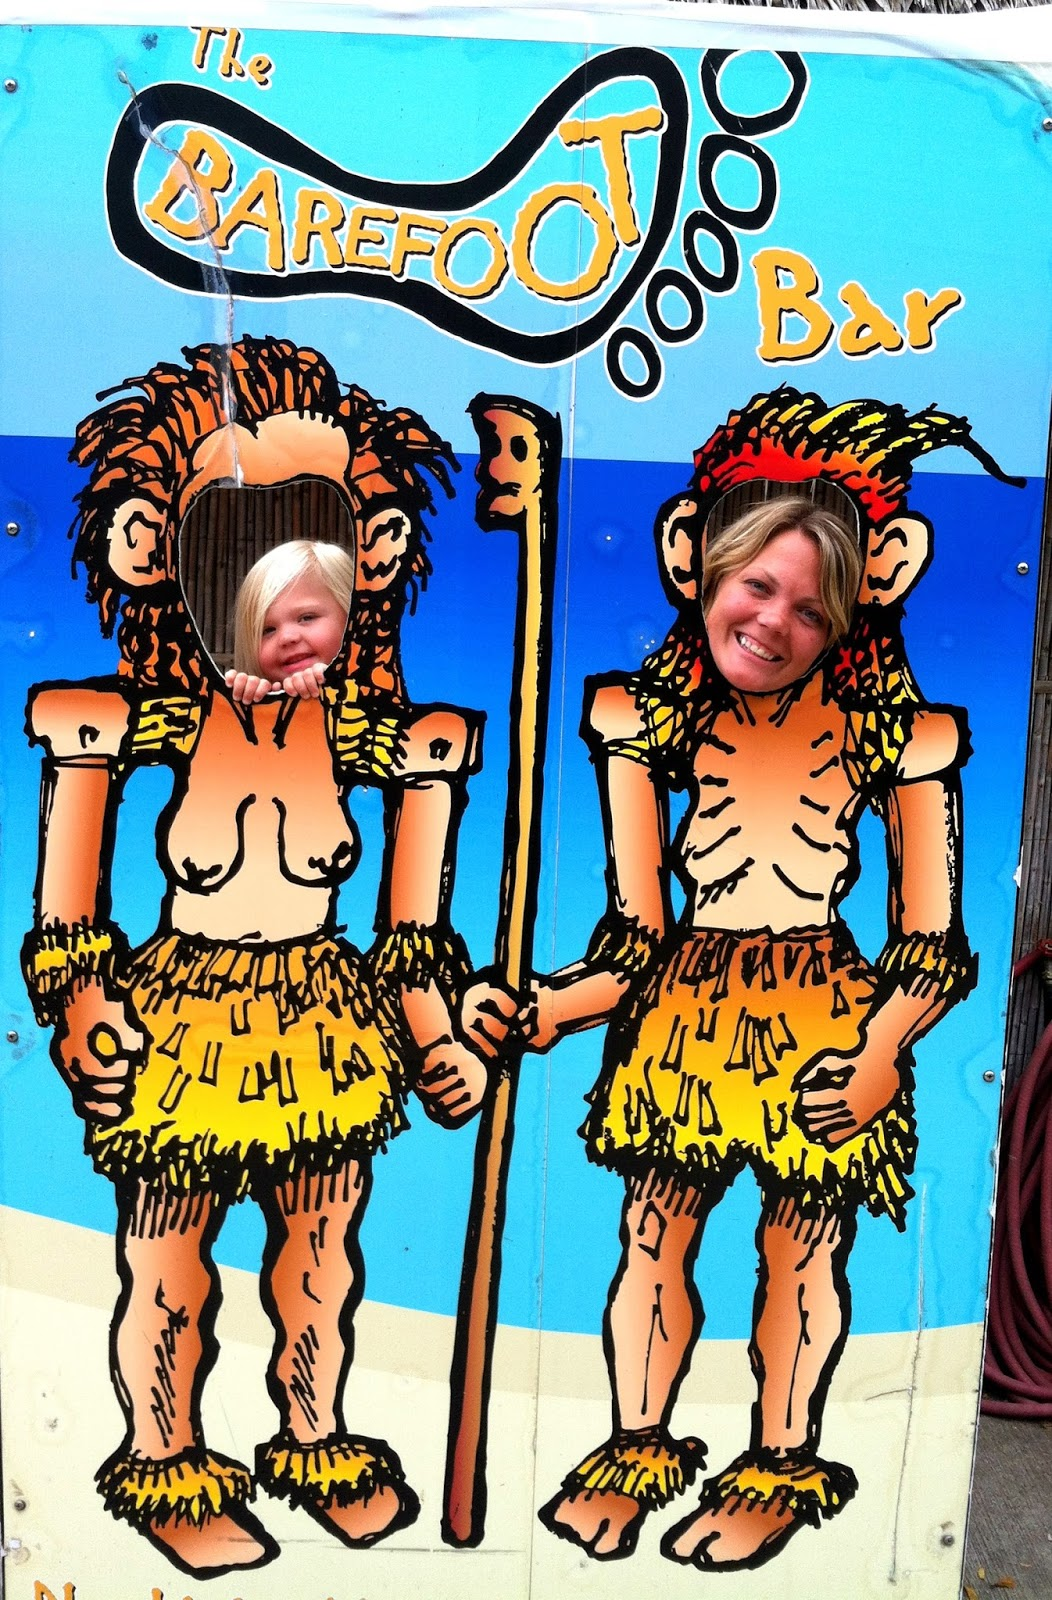 Okoboji Barefoot Bar